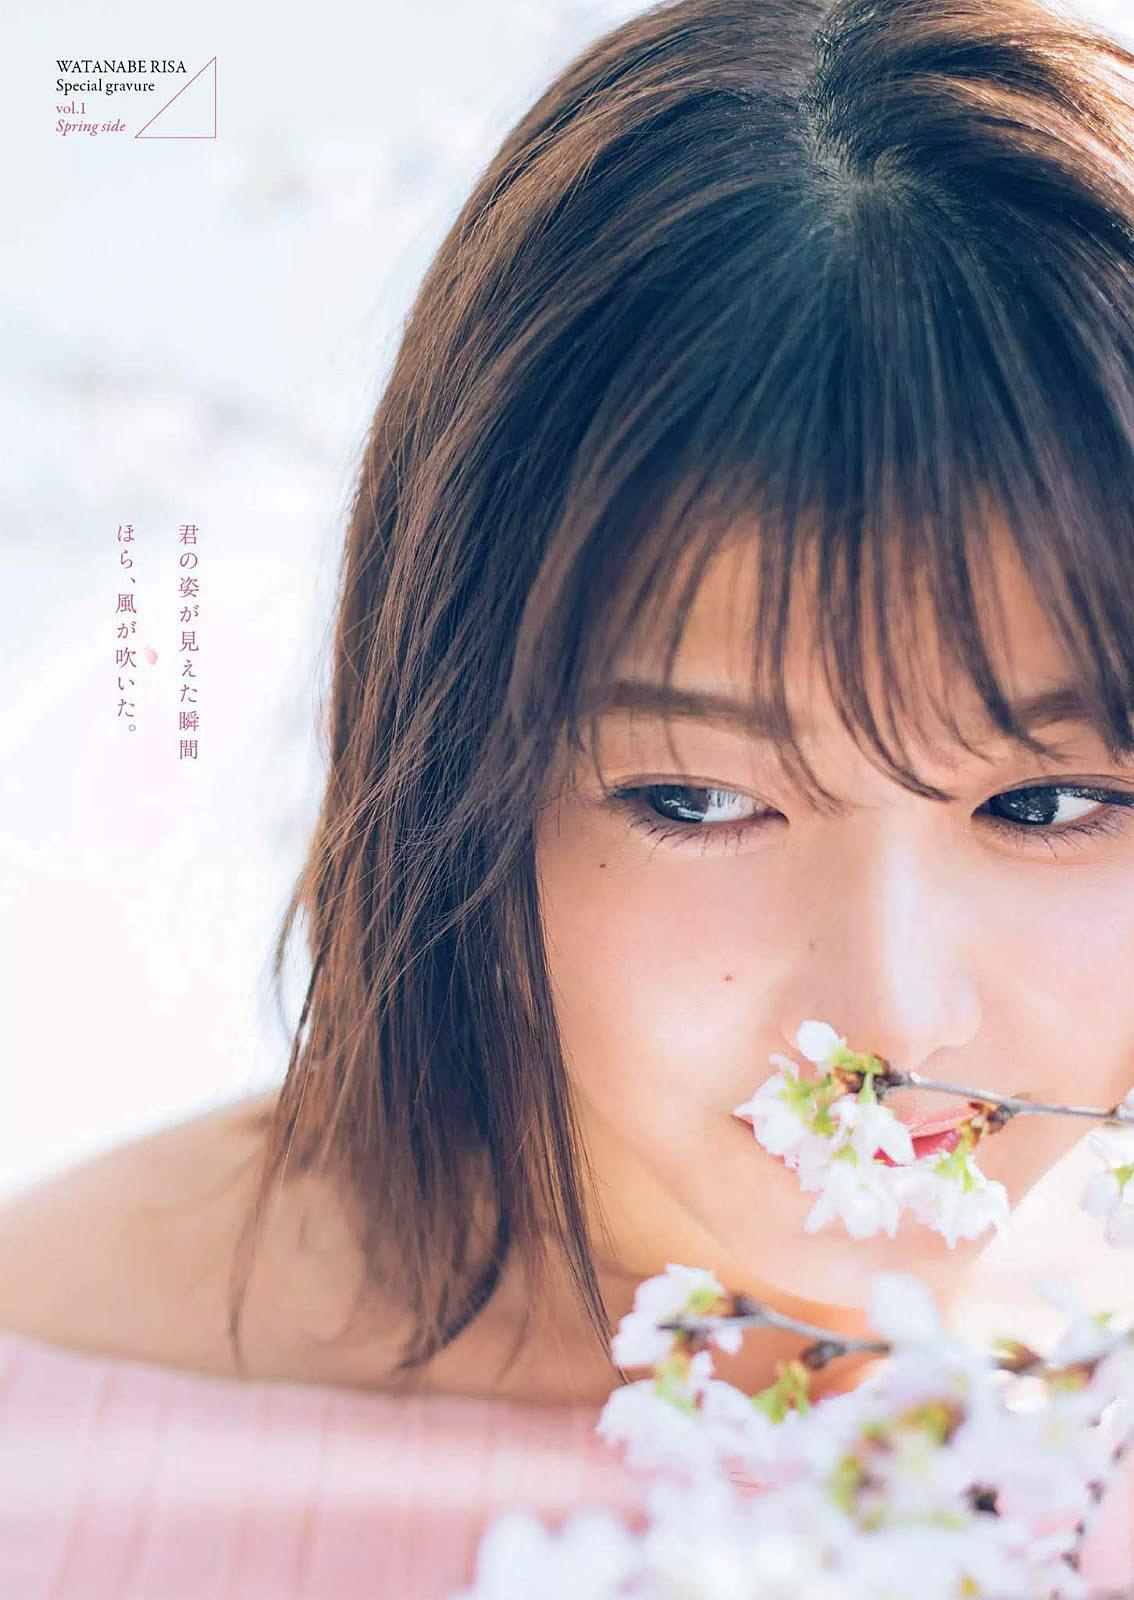 Risa Watanabe K46 WPB 190422 02.jpg